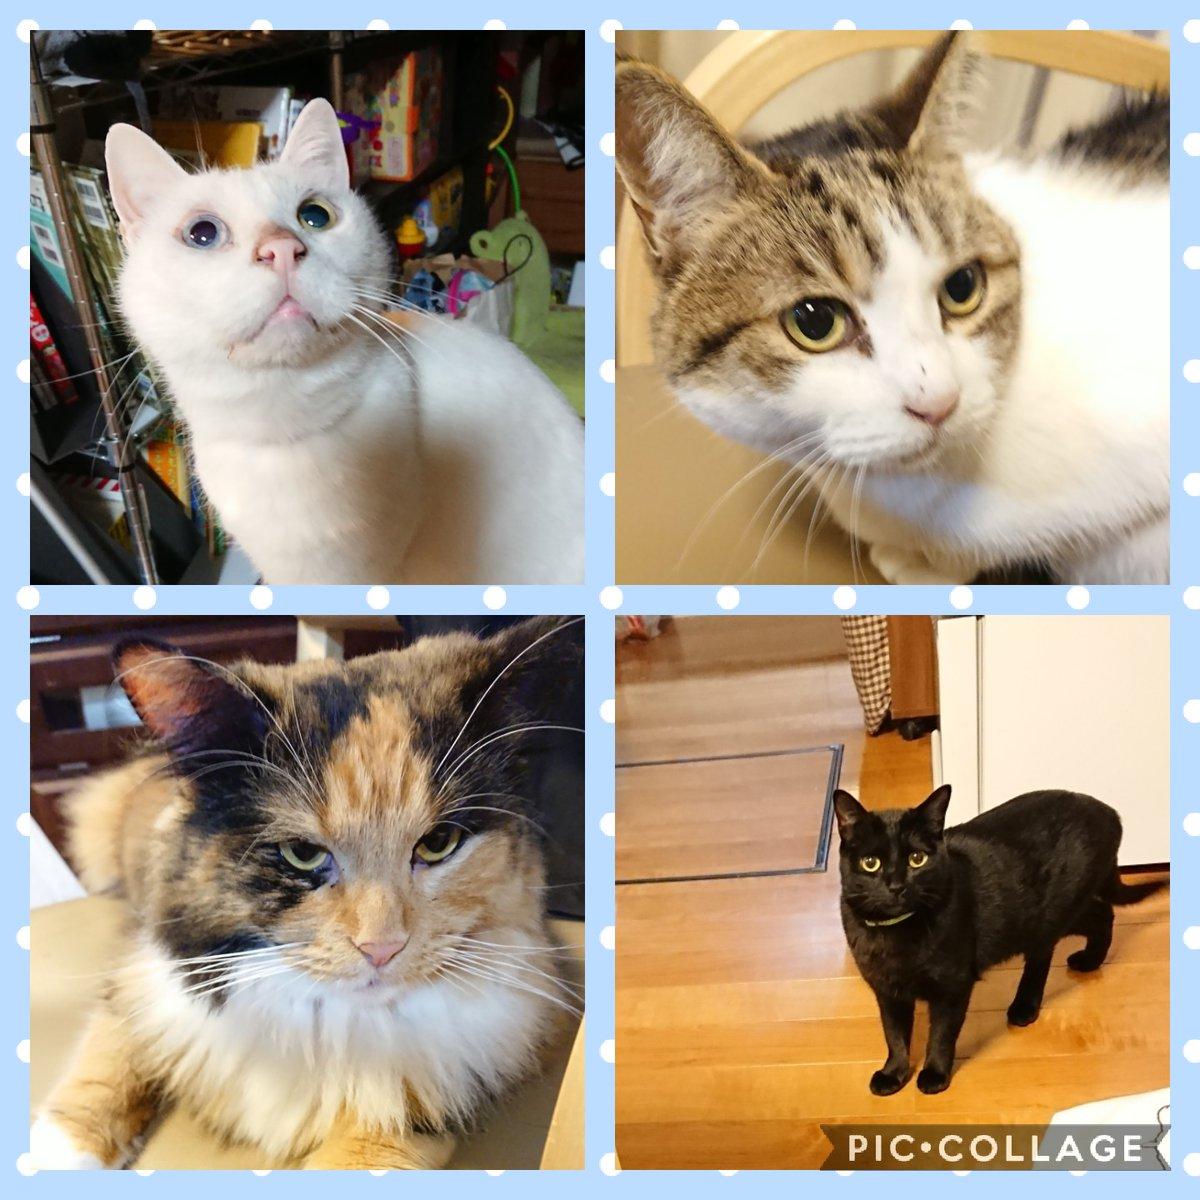 うちのにゃんこです🐱 Instagramでも紹介してます😊  #猫好きさんと繋がりたい #保護猫 #野良猫 #にゃんこ #一匹だけ #ノルウェージャン #動物好き #幸せを #届けたい #cat #catlove #トリミングサロンAndante #横浜 #トリミング https://t.co/RnH08dVdPa